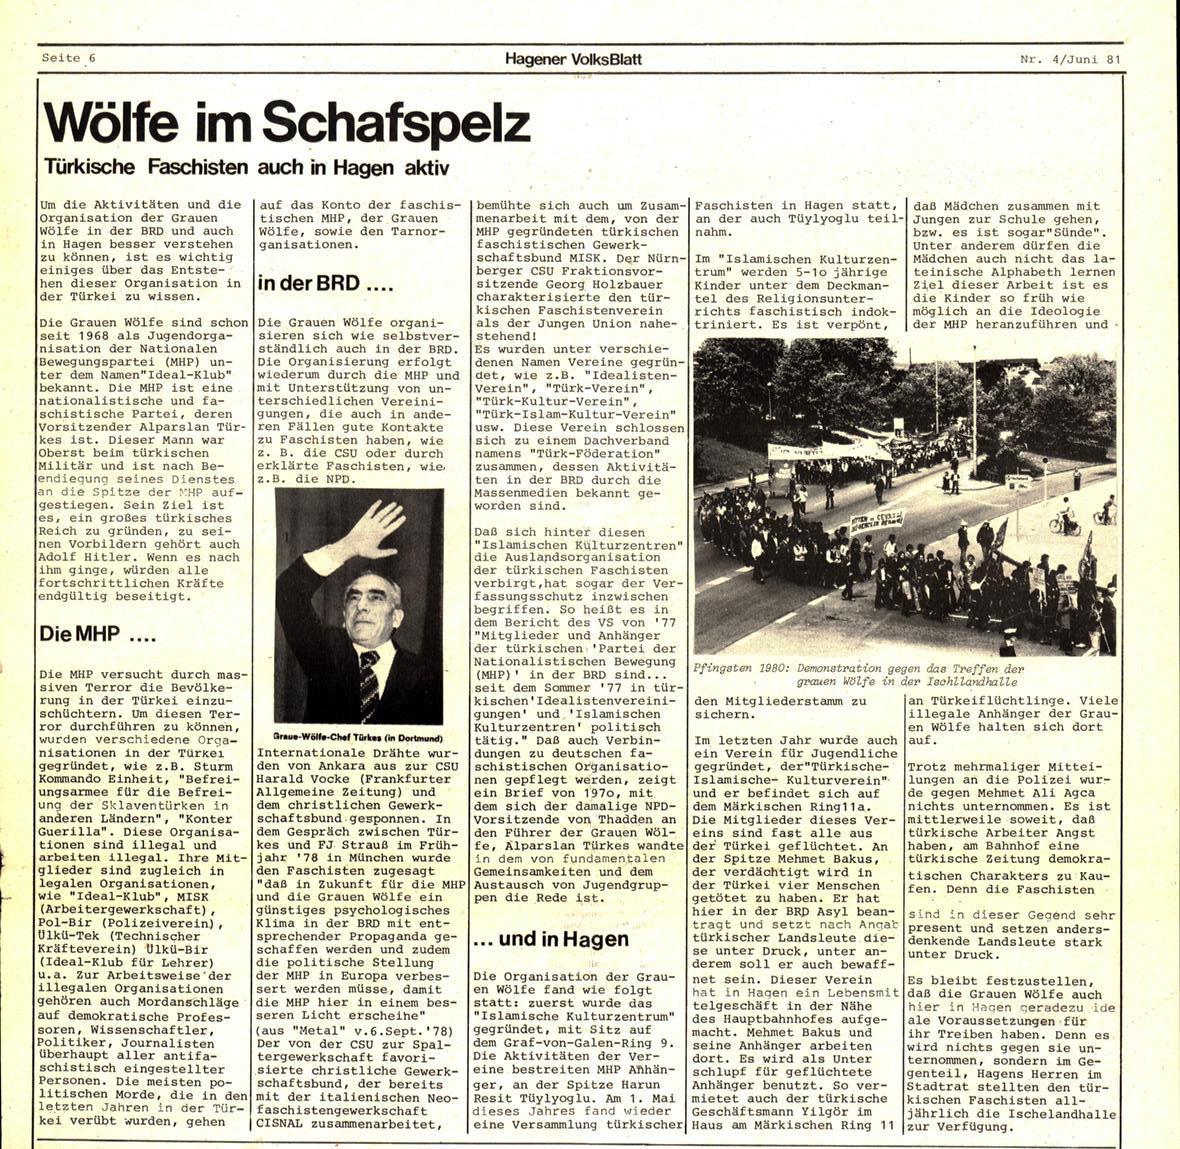 Hagen_Volksblatt_19810600_11